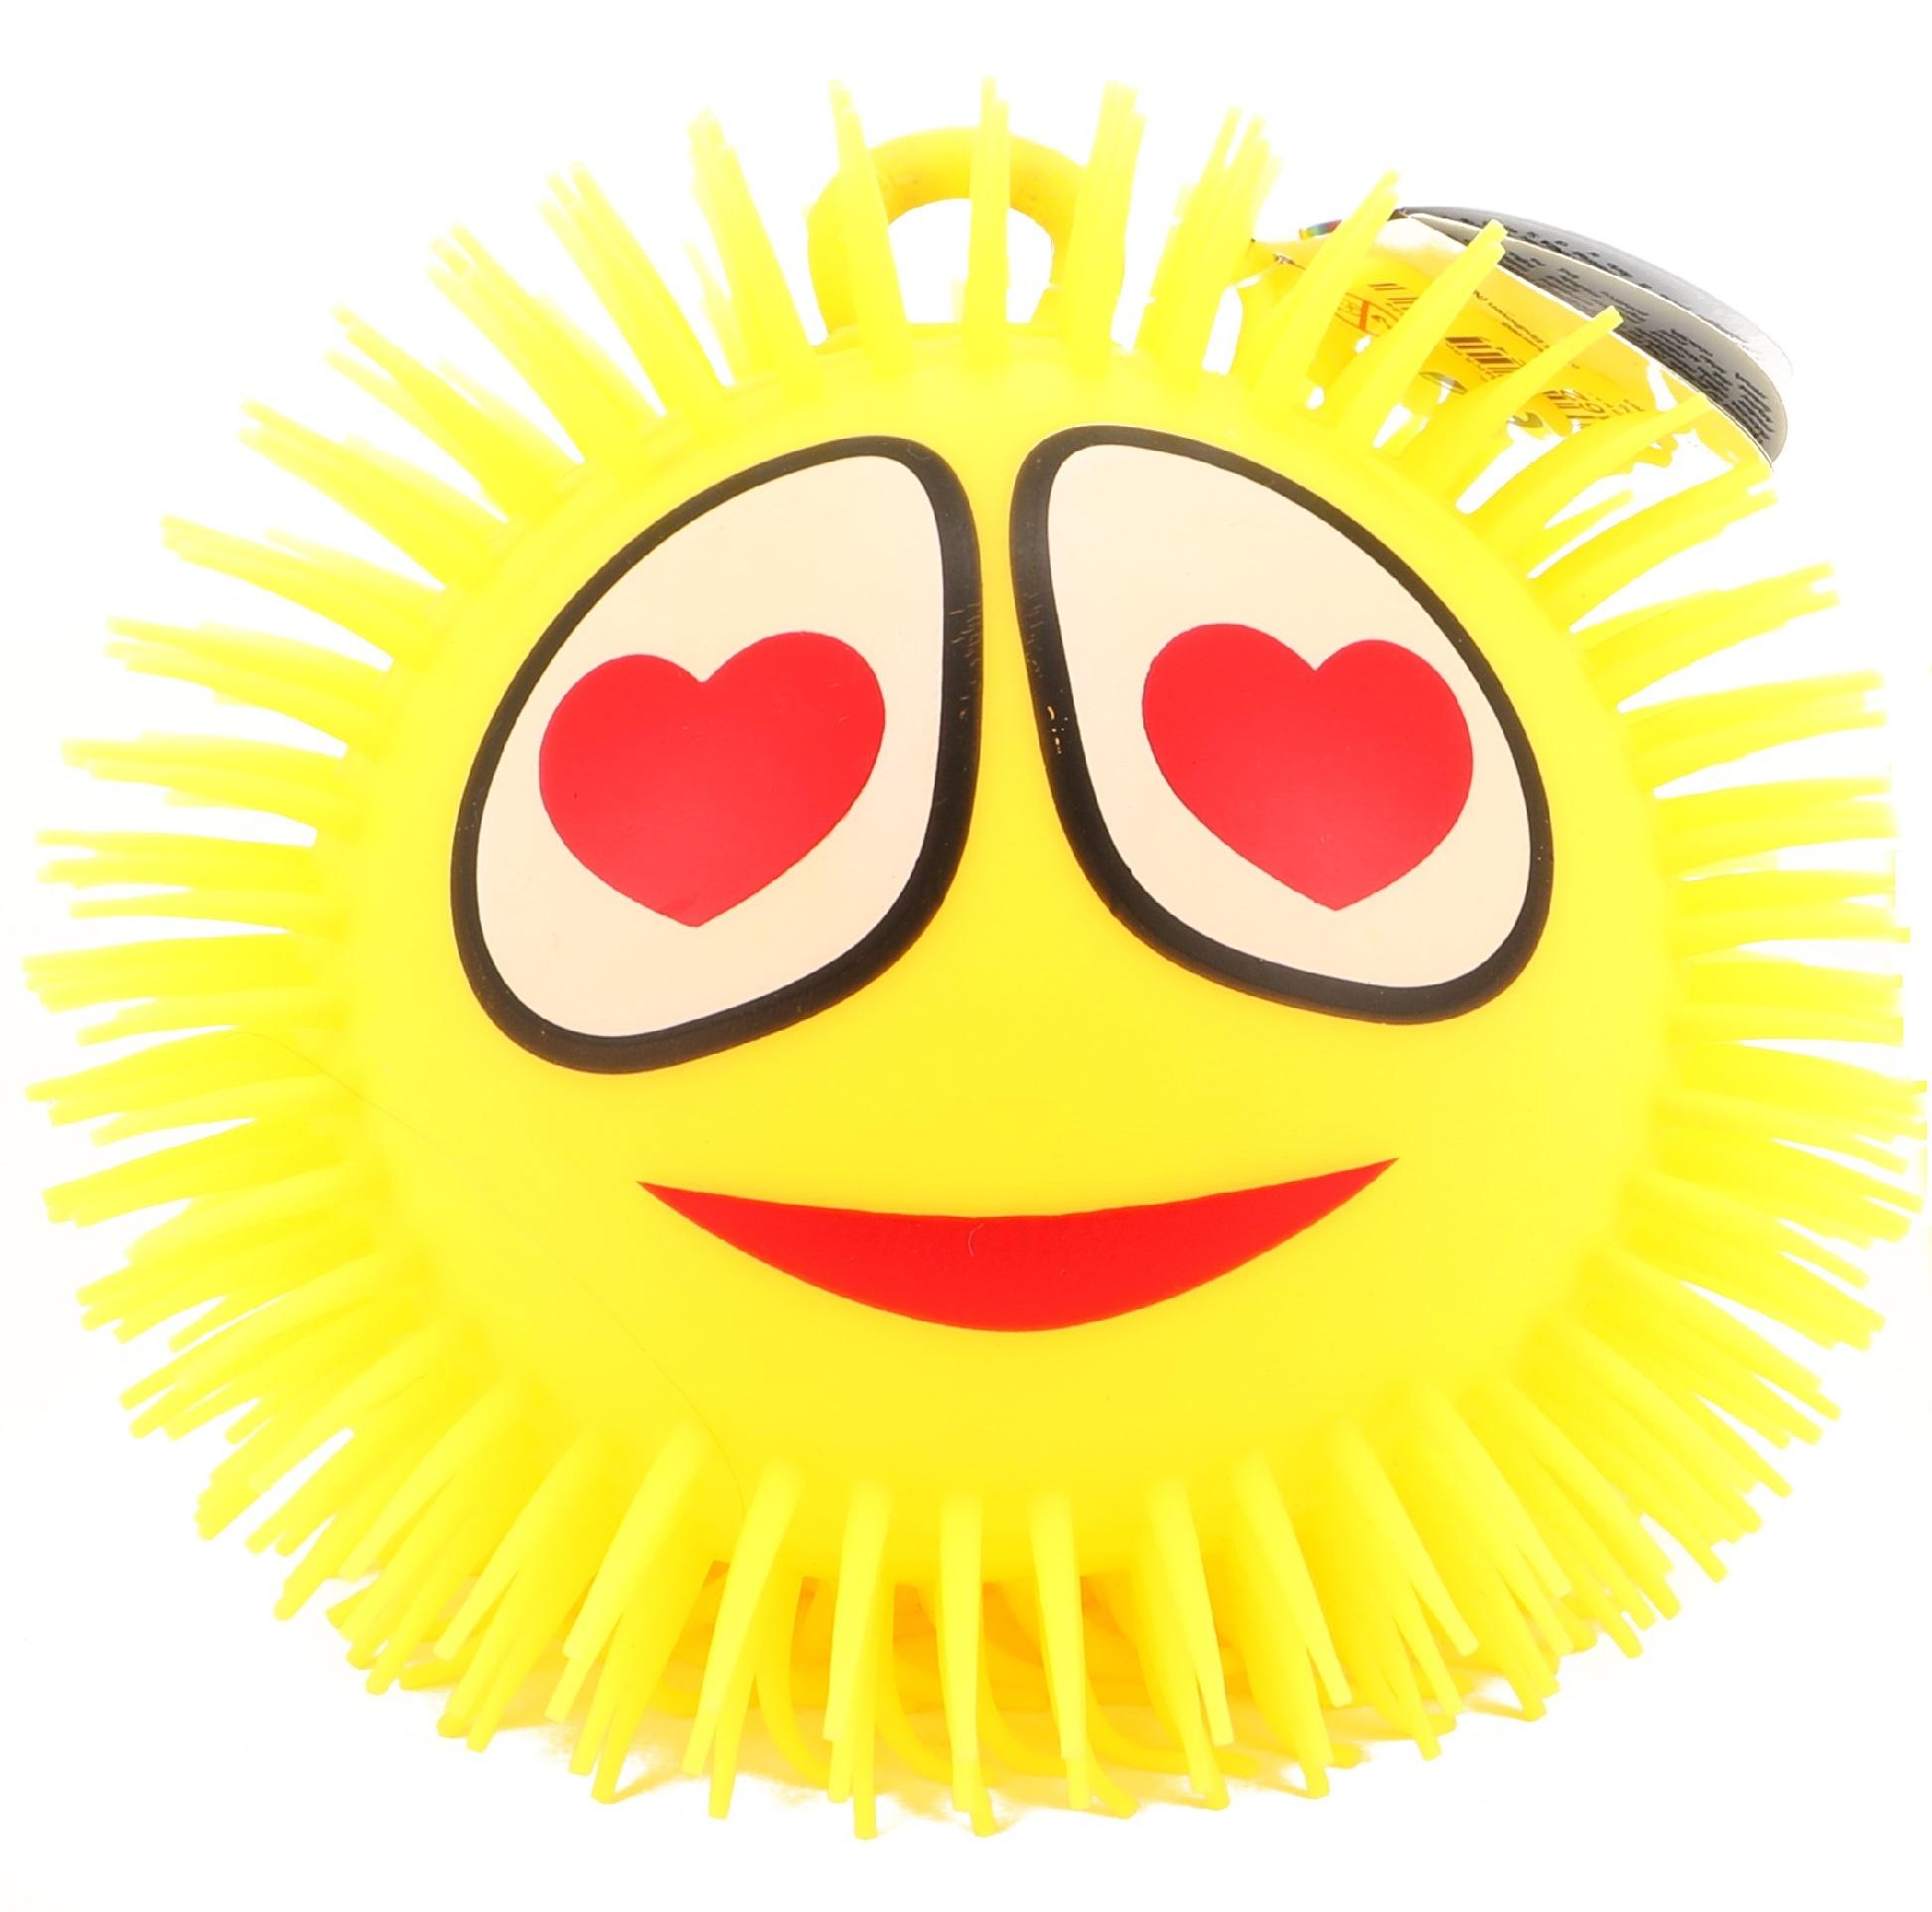 Augen den in mit smiley herzen Bedeutung emoji